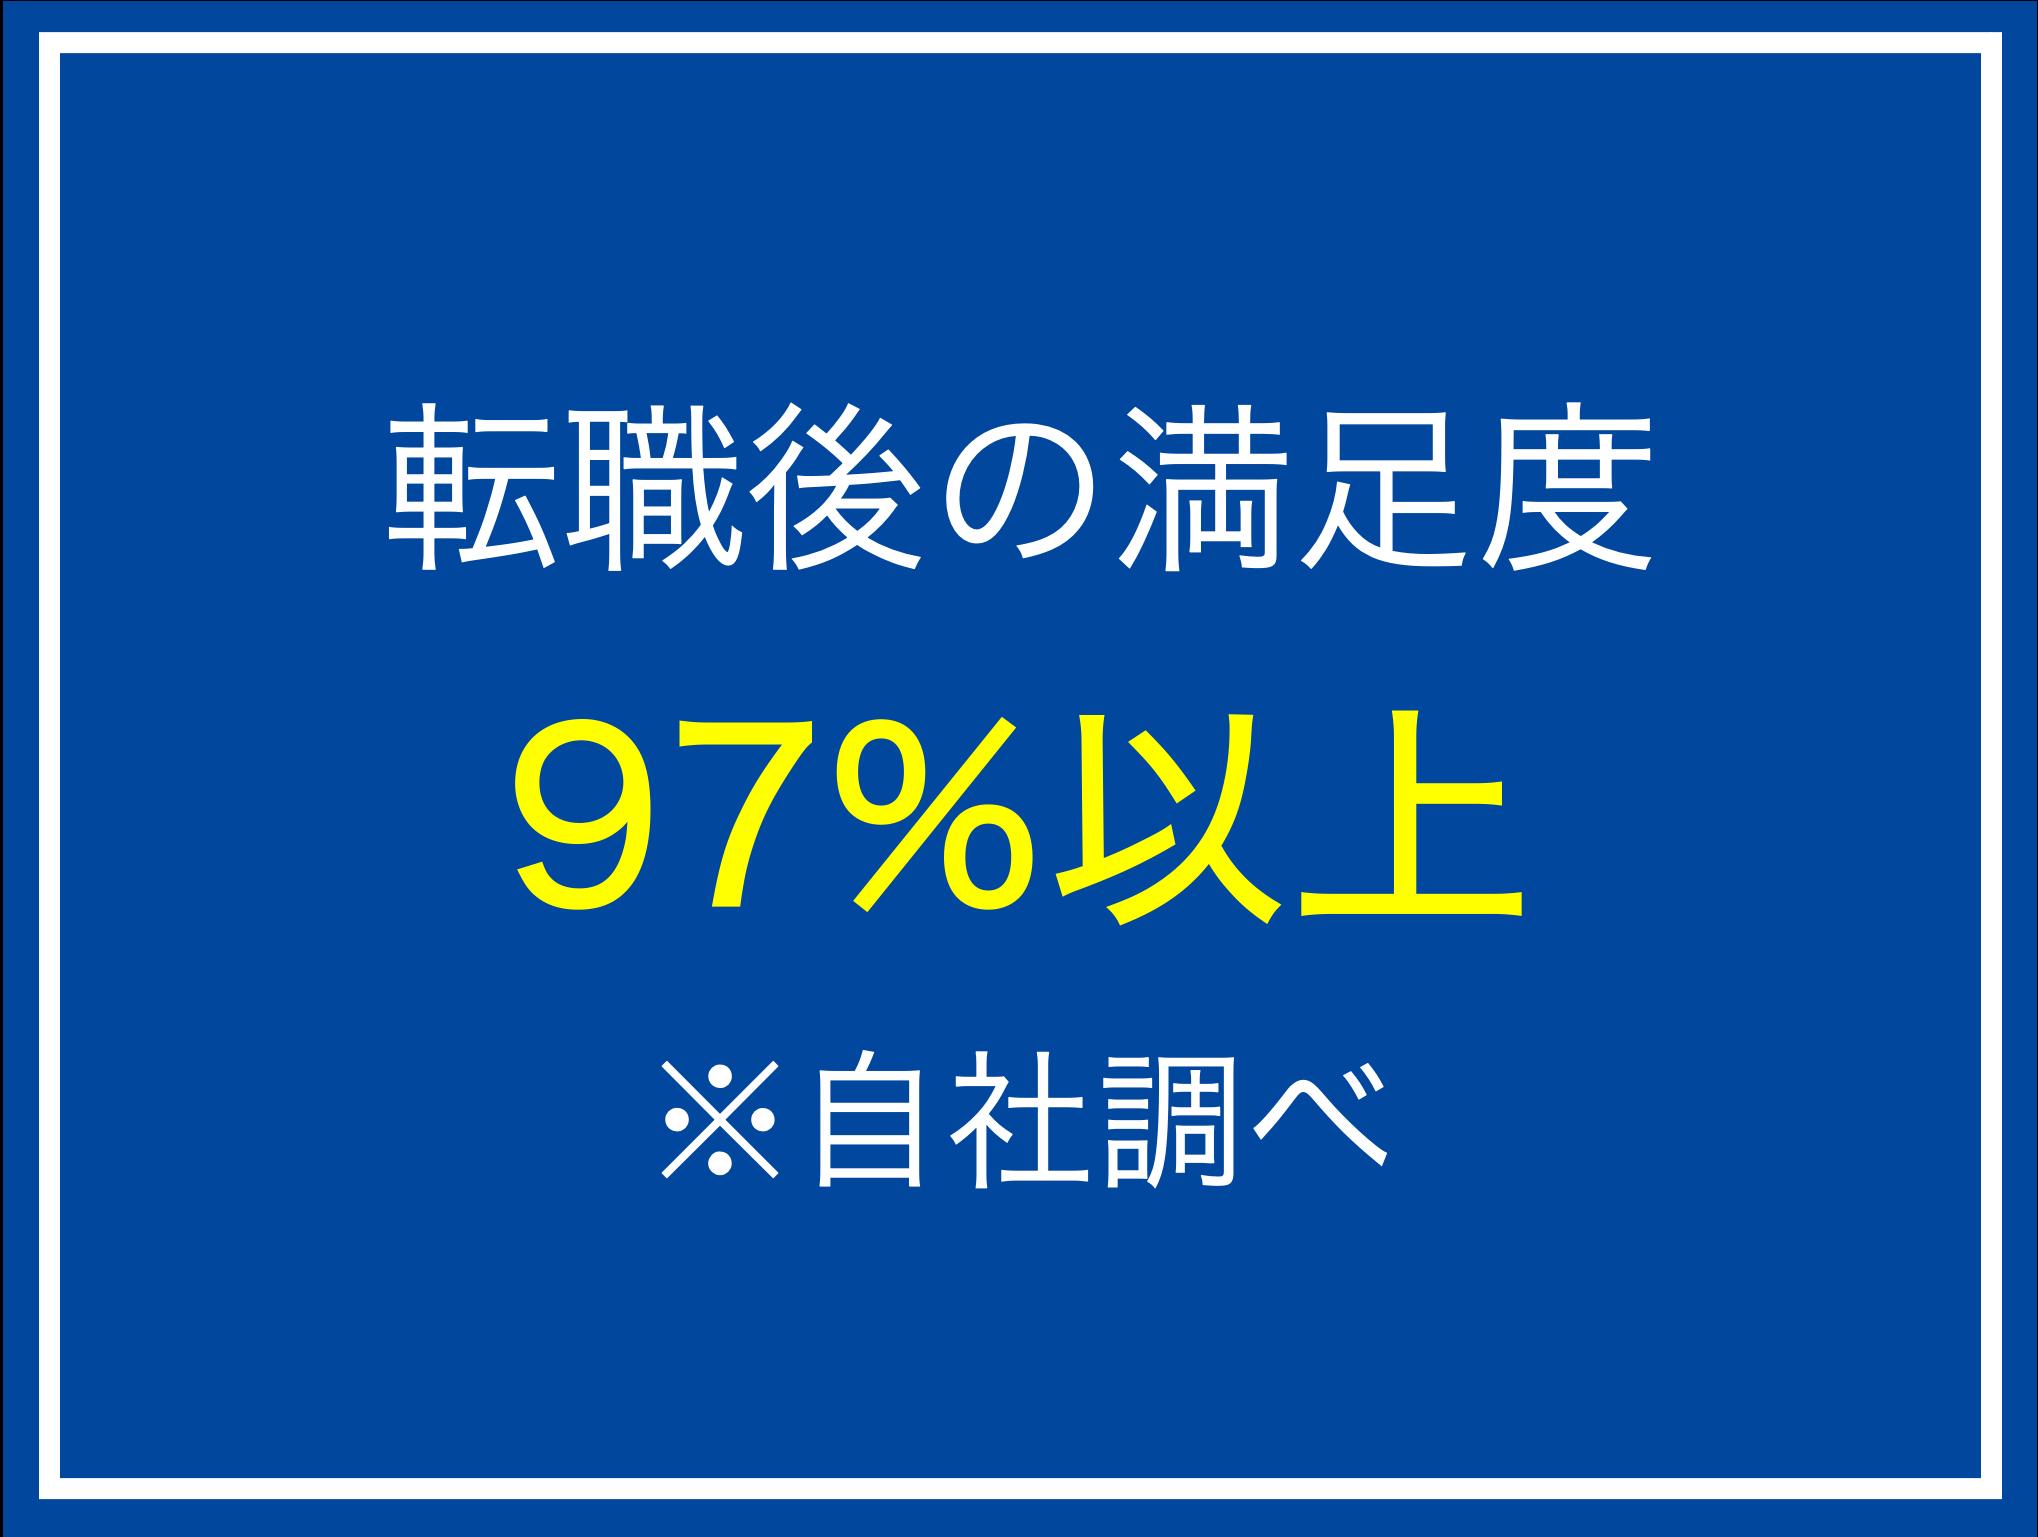 転職後の満足度 97%以上